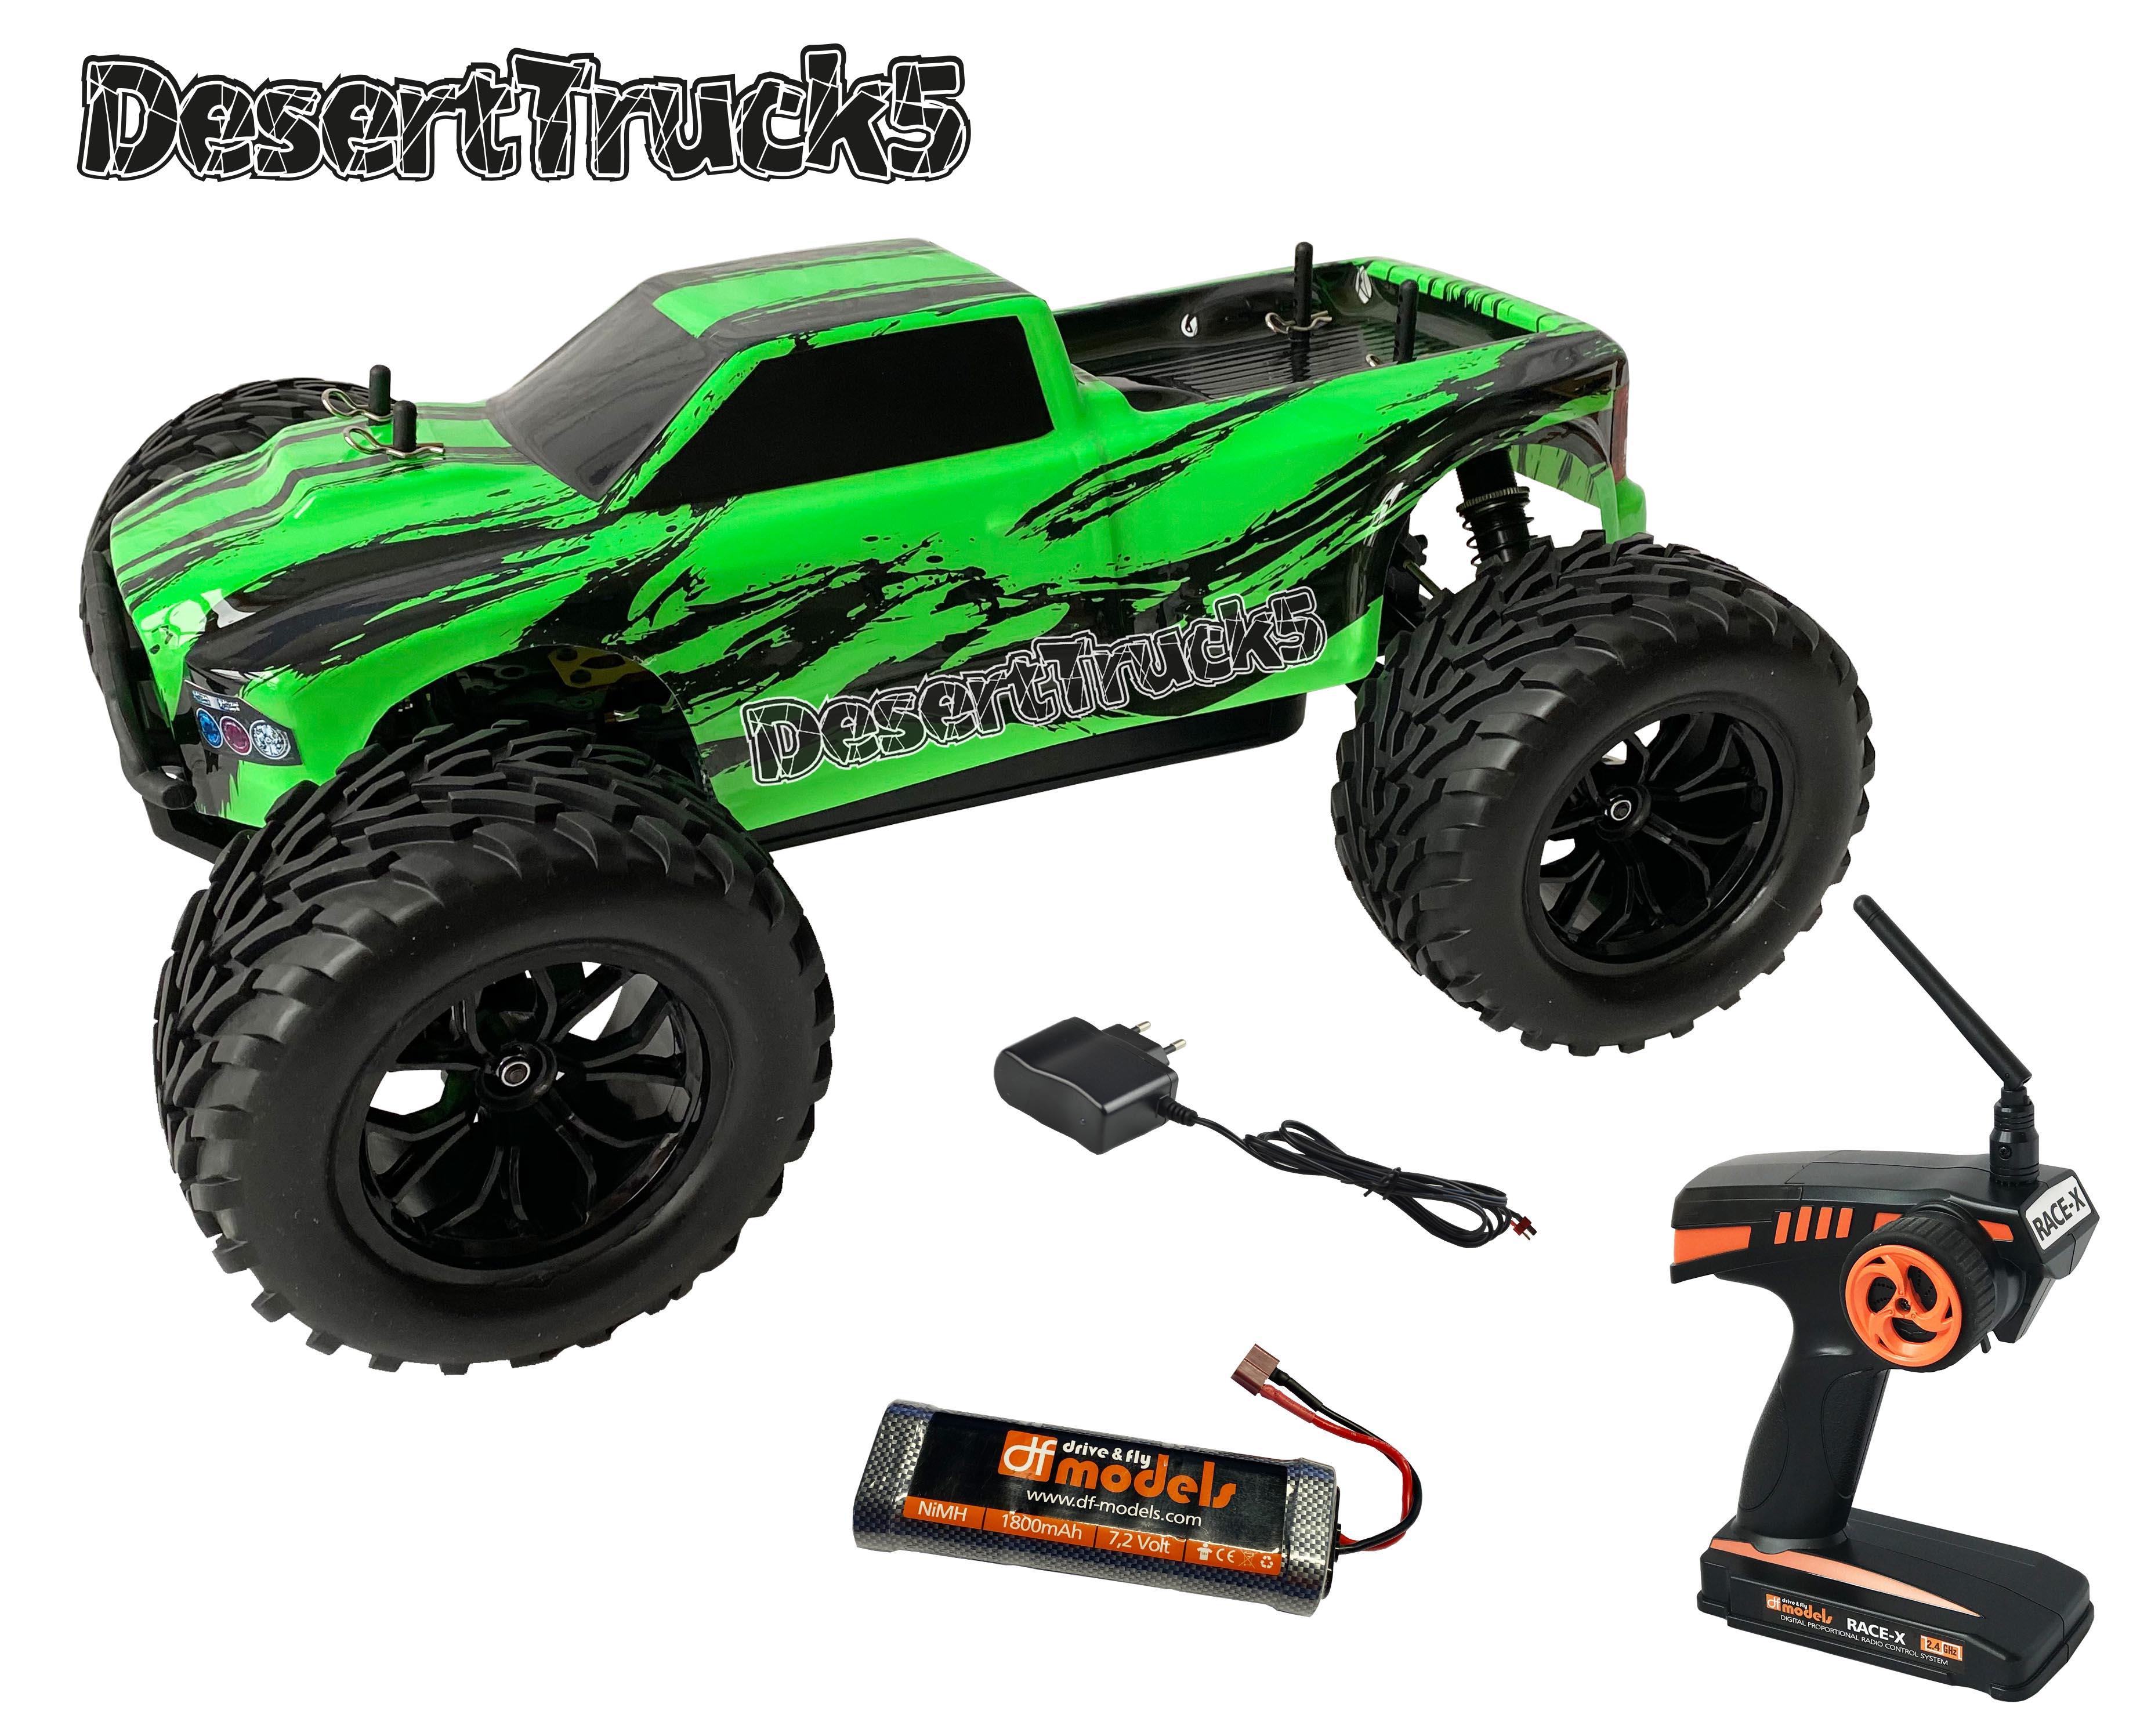 DesertTruck 5 Brushed Monster truck 1:10 RTR